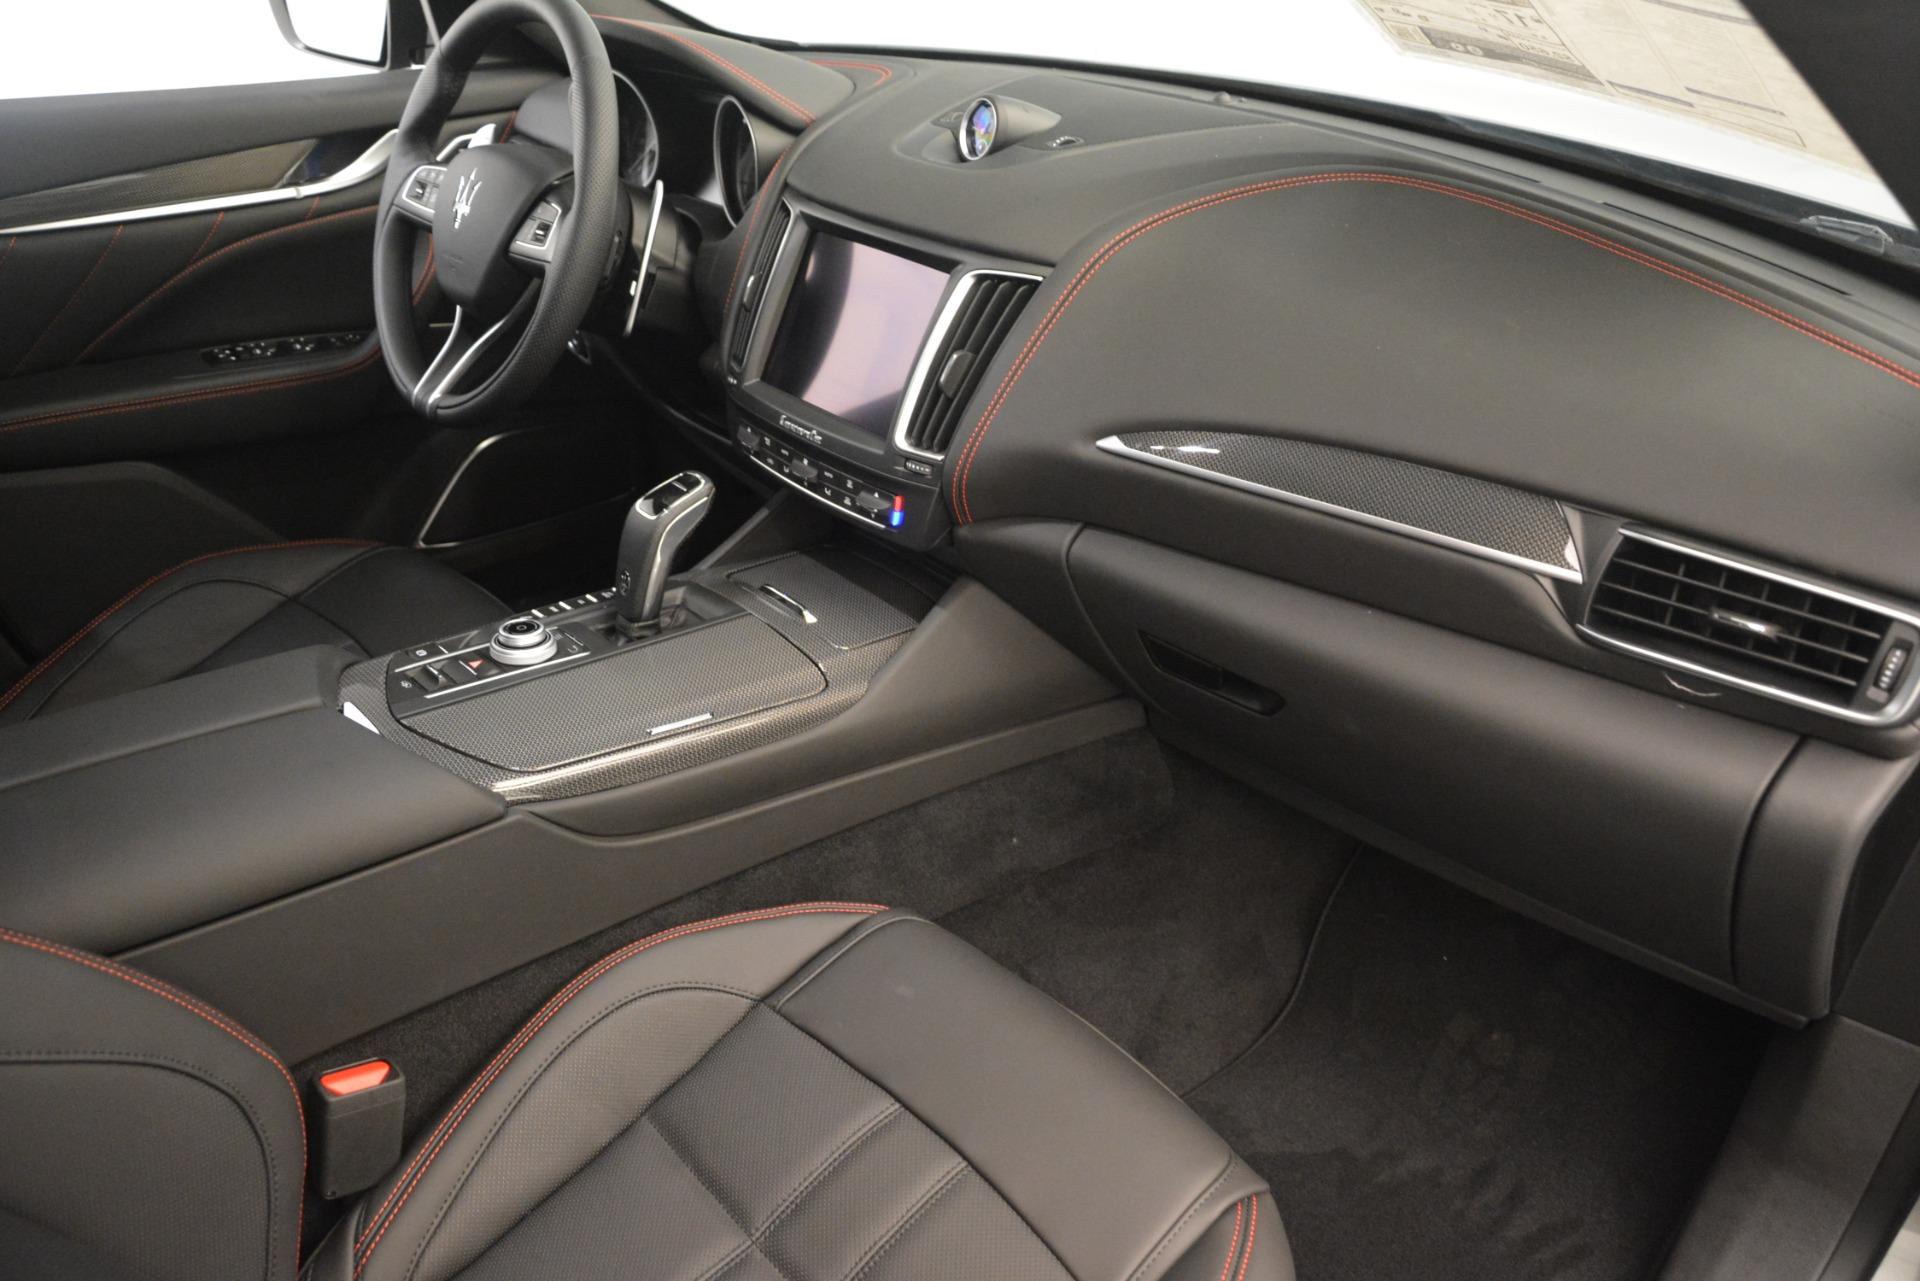 New 2019 Maserati Levante SQ4 GranSport Nerissimo For Sale In Greenwich, CT 3144_p22